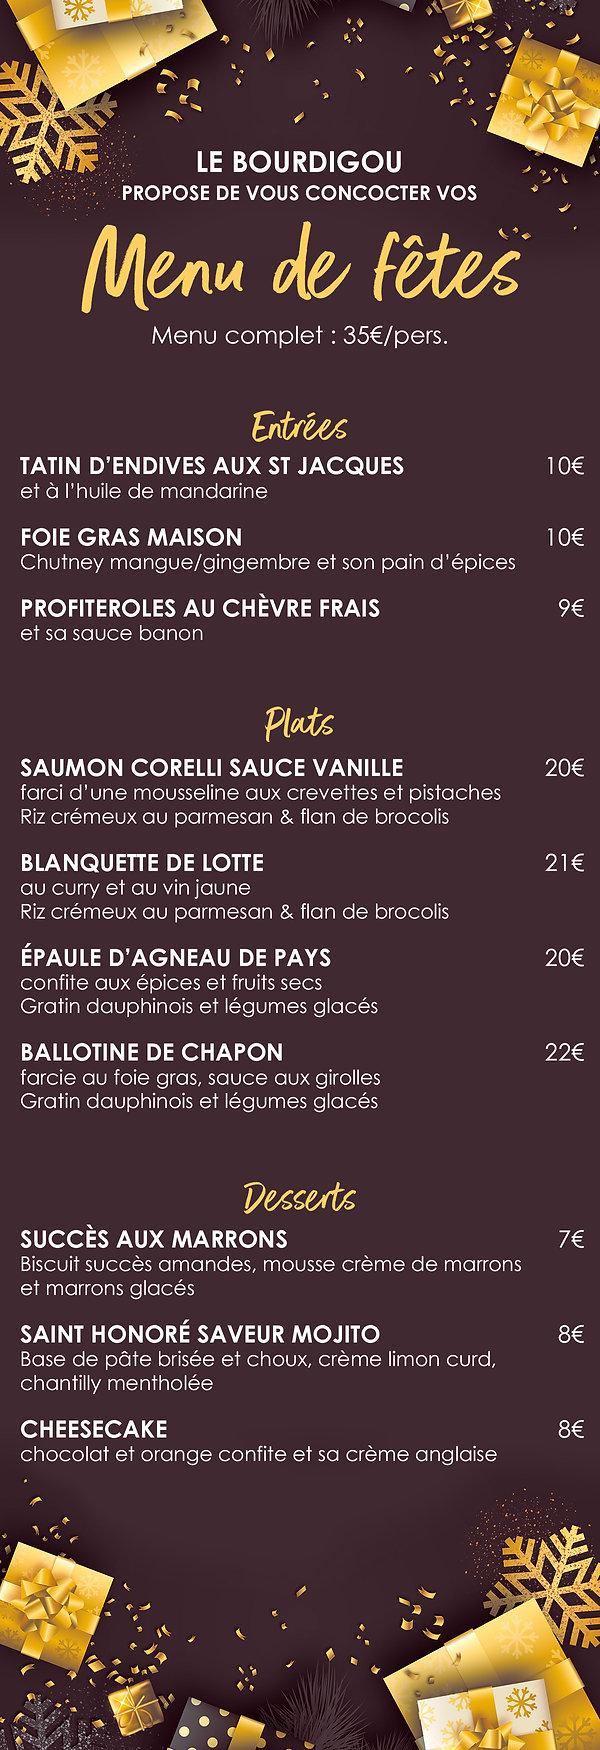 menu-fetes3.jpg